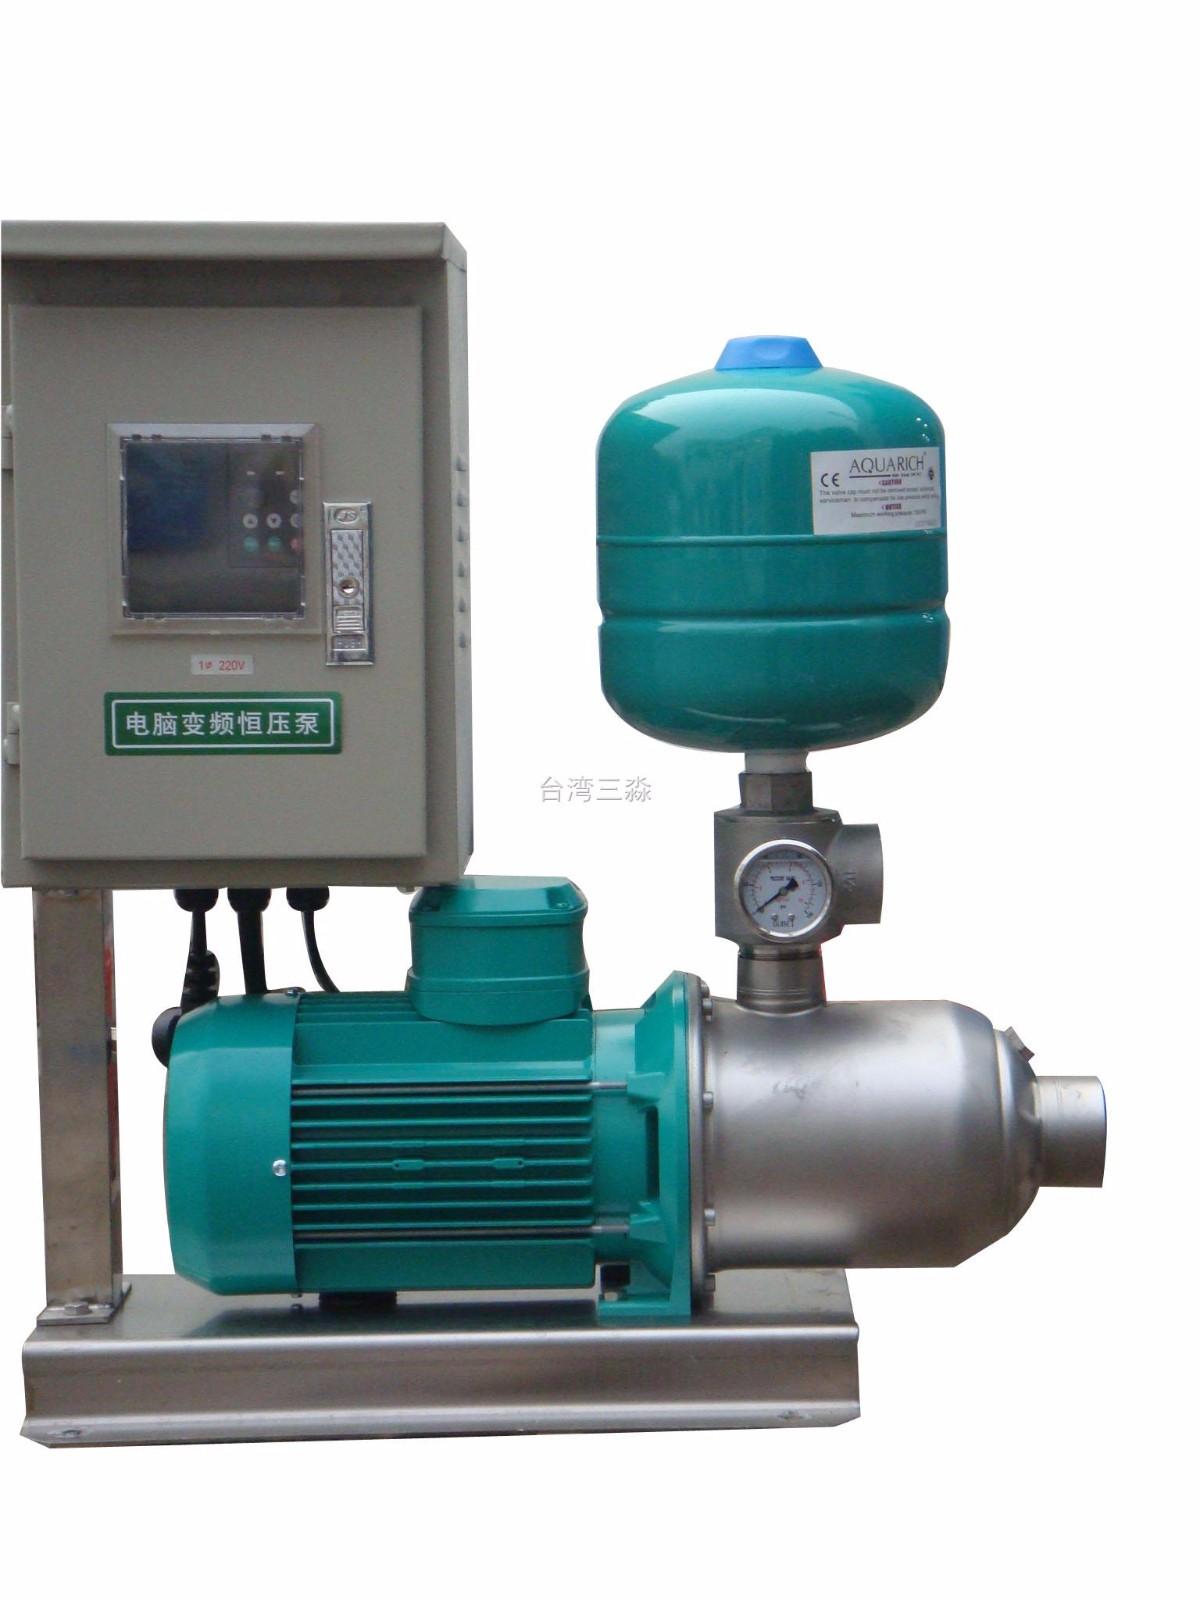 增加供水水泵报价/石嘴山空气源热泵公司/宁夏昊之丰工贸有限公司